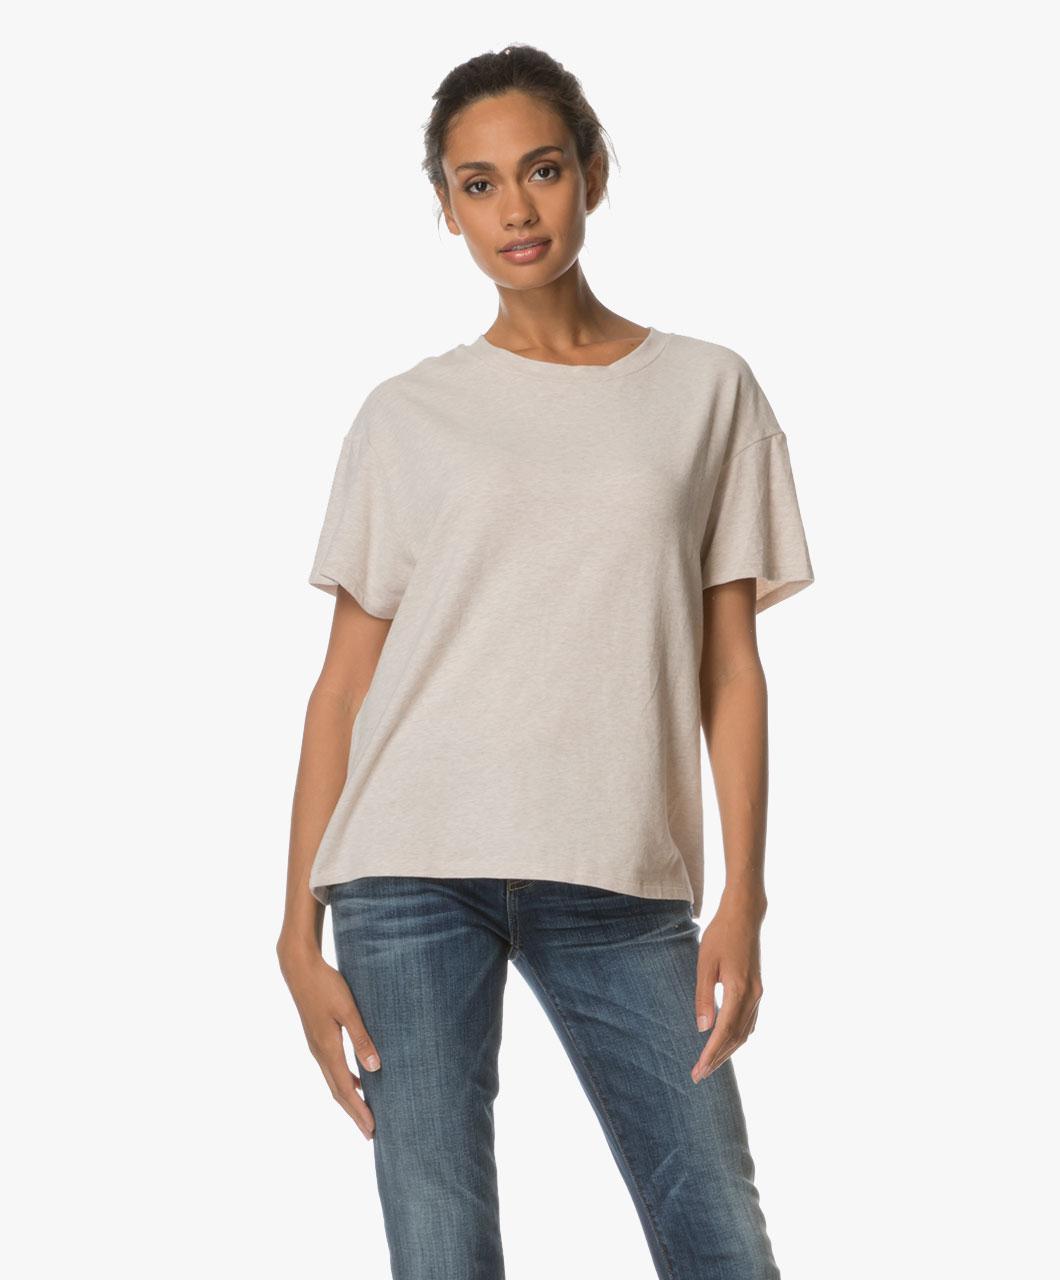 drykorn kyla super soft jersey t shirt beige kyla 507208 59. Black Bedroom Furniture Sets. Home Design Ideas